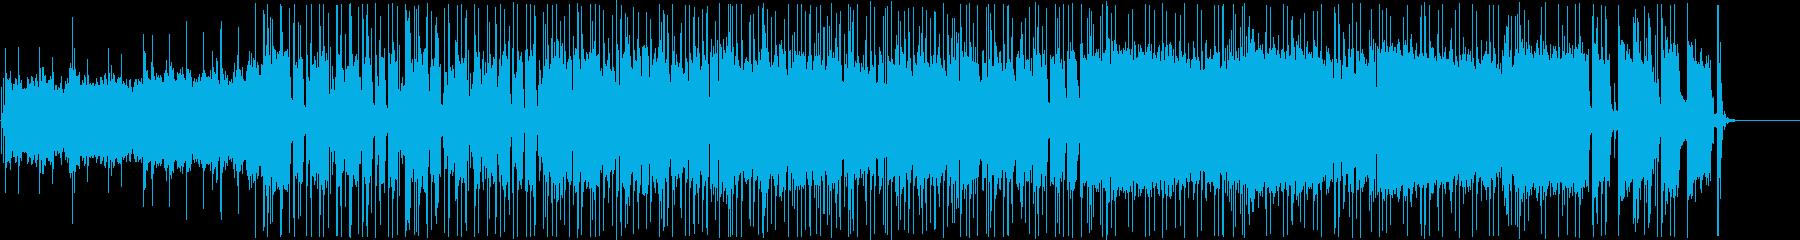 【メロディー抜き】ノリがよくてシンプルなの再生済みの波形